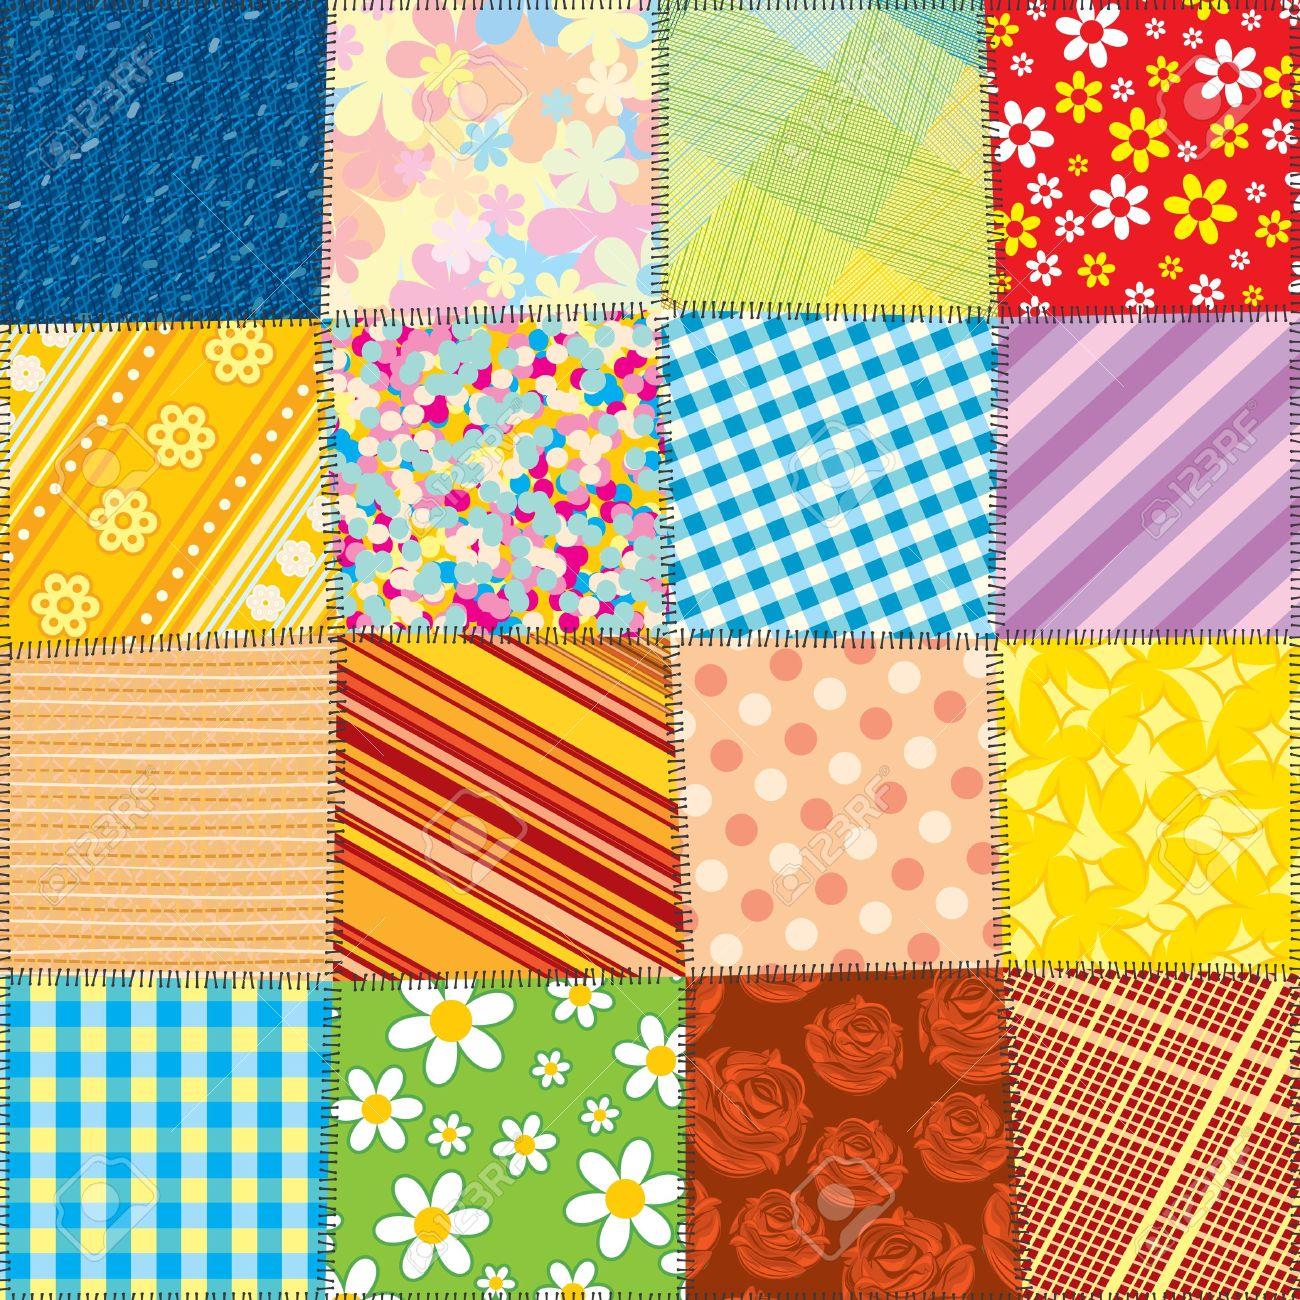 Quilt patterns clipart.